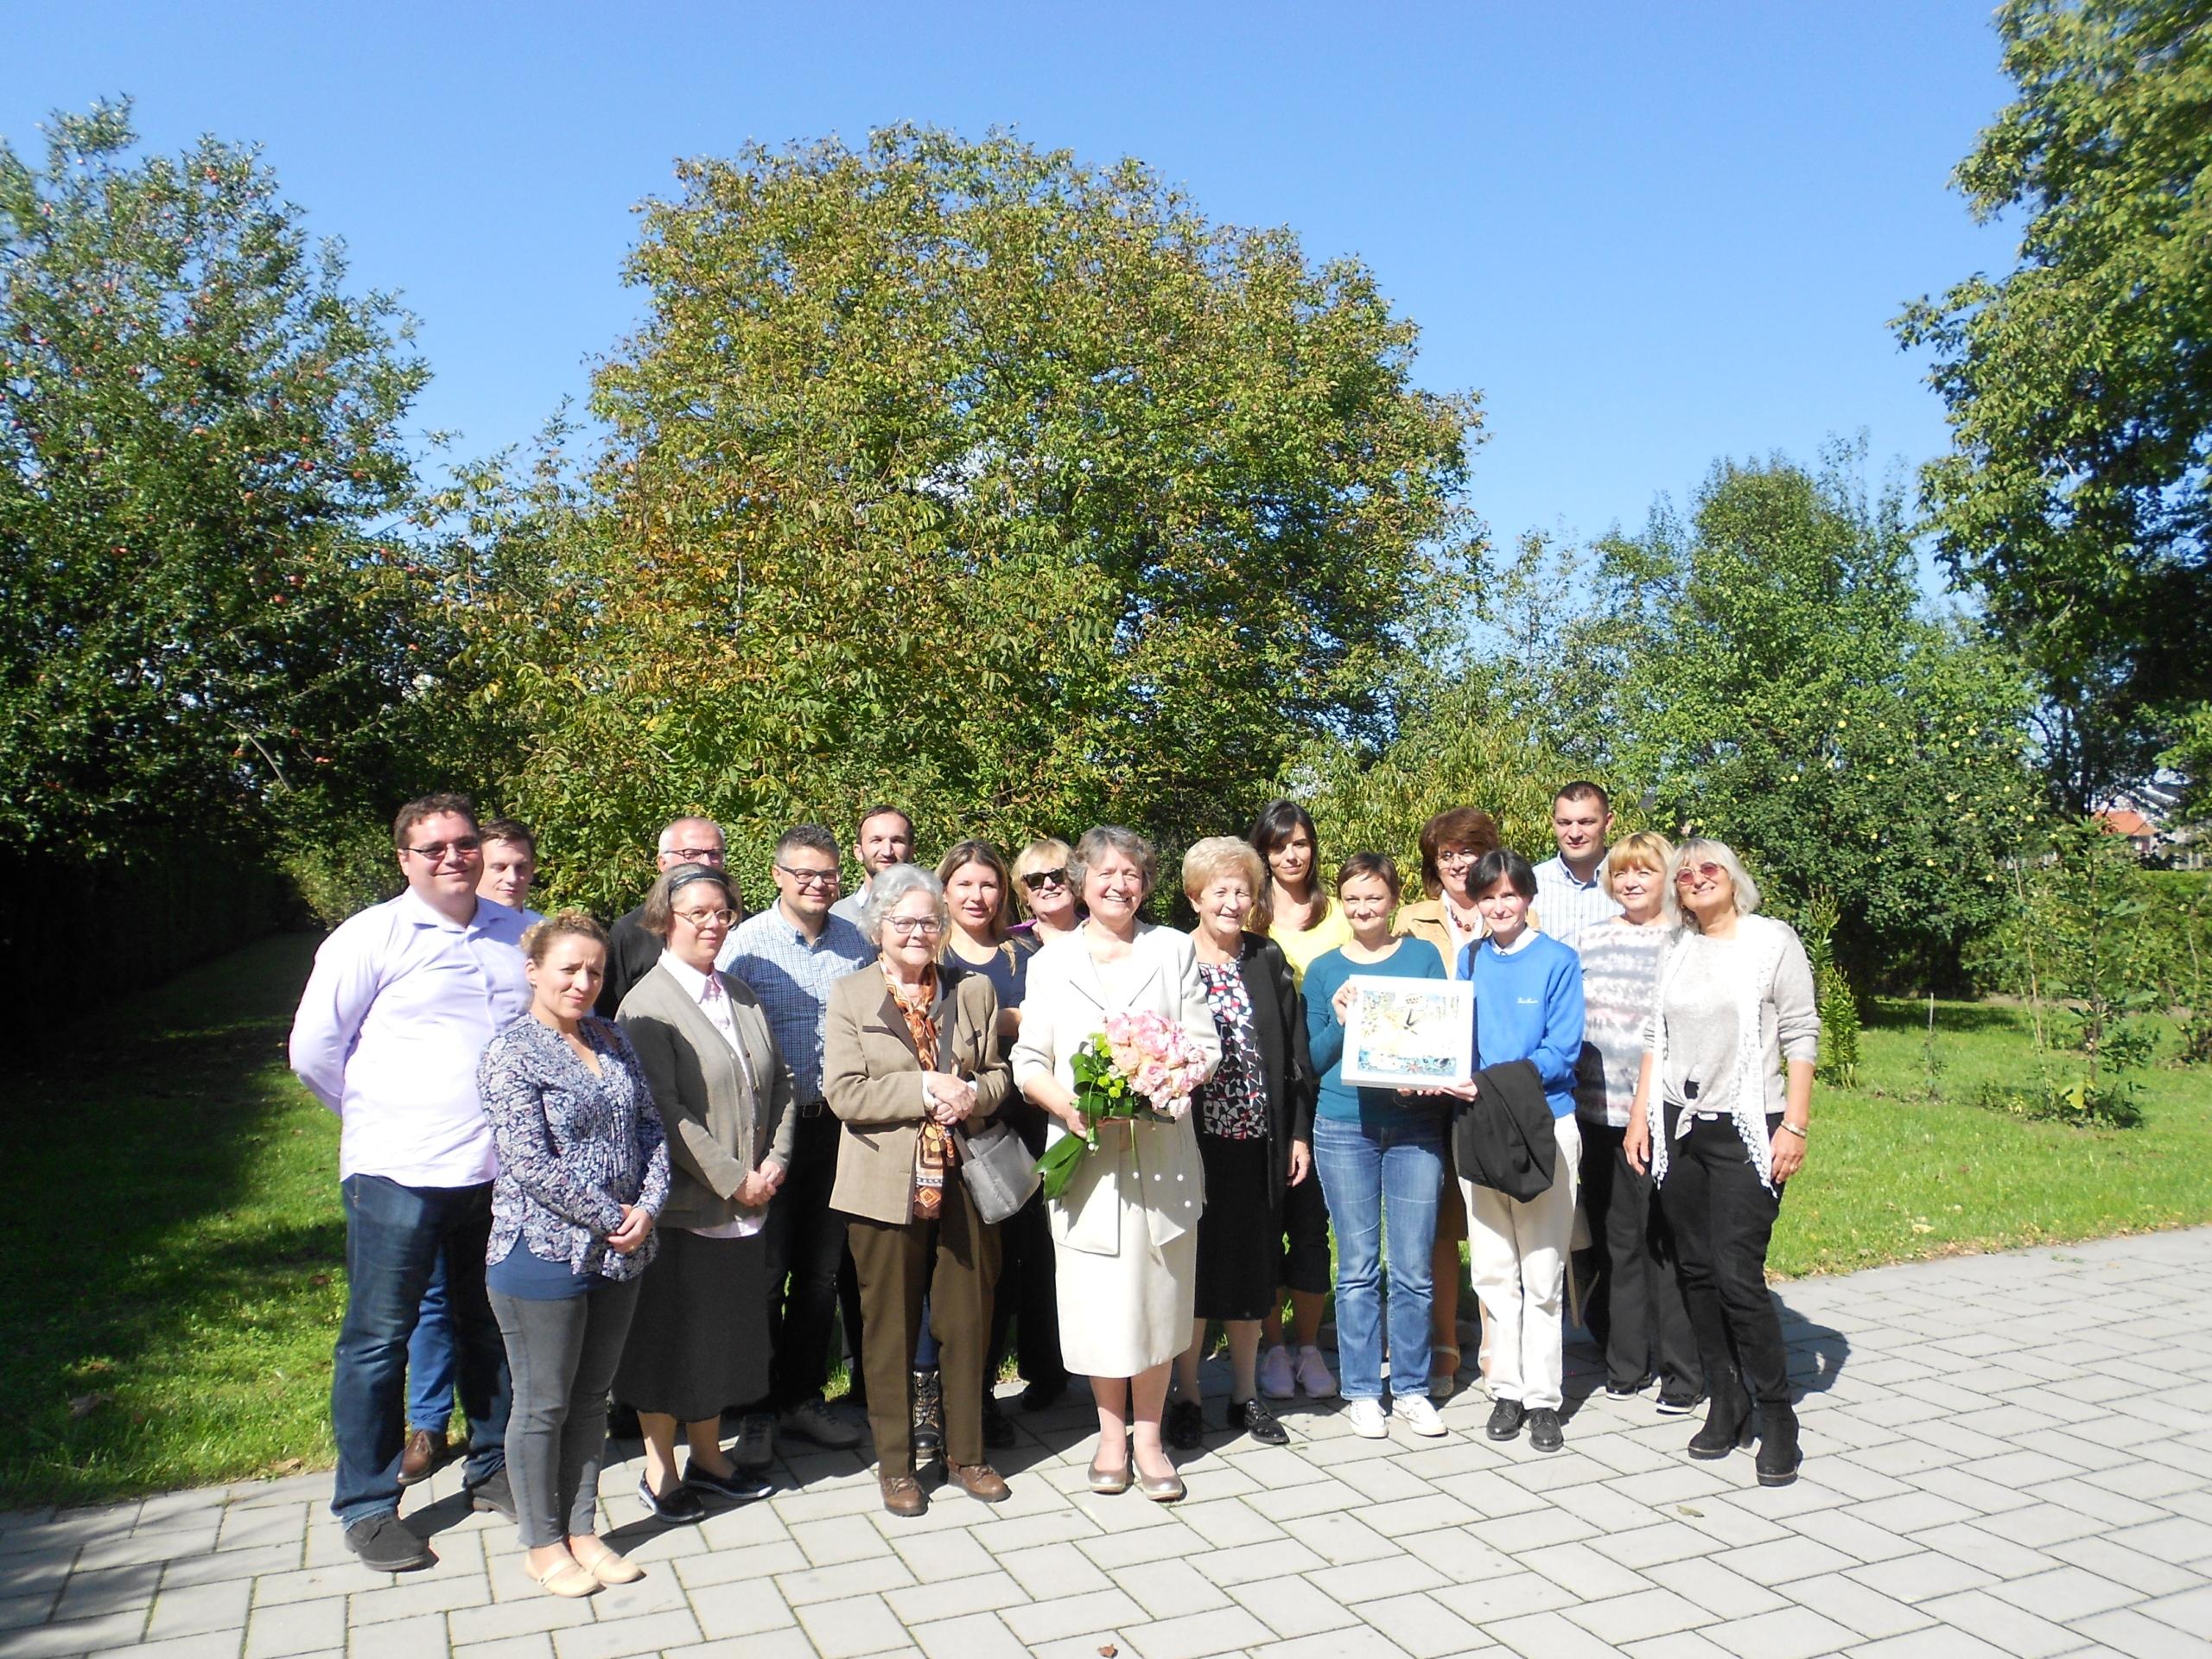 Djelatnici Staroslavenskog instituta svečano su se oprostili 18. rujna 2017. godine od ravnateljice dr. sc. Marice Čunčić.